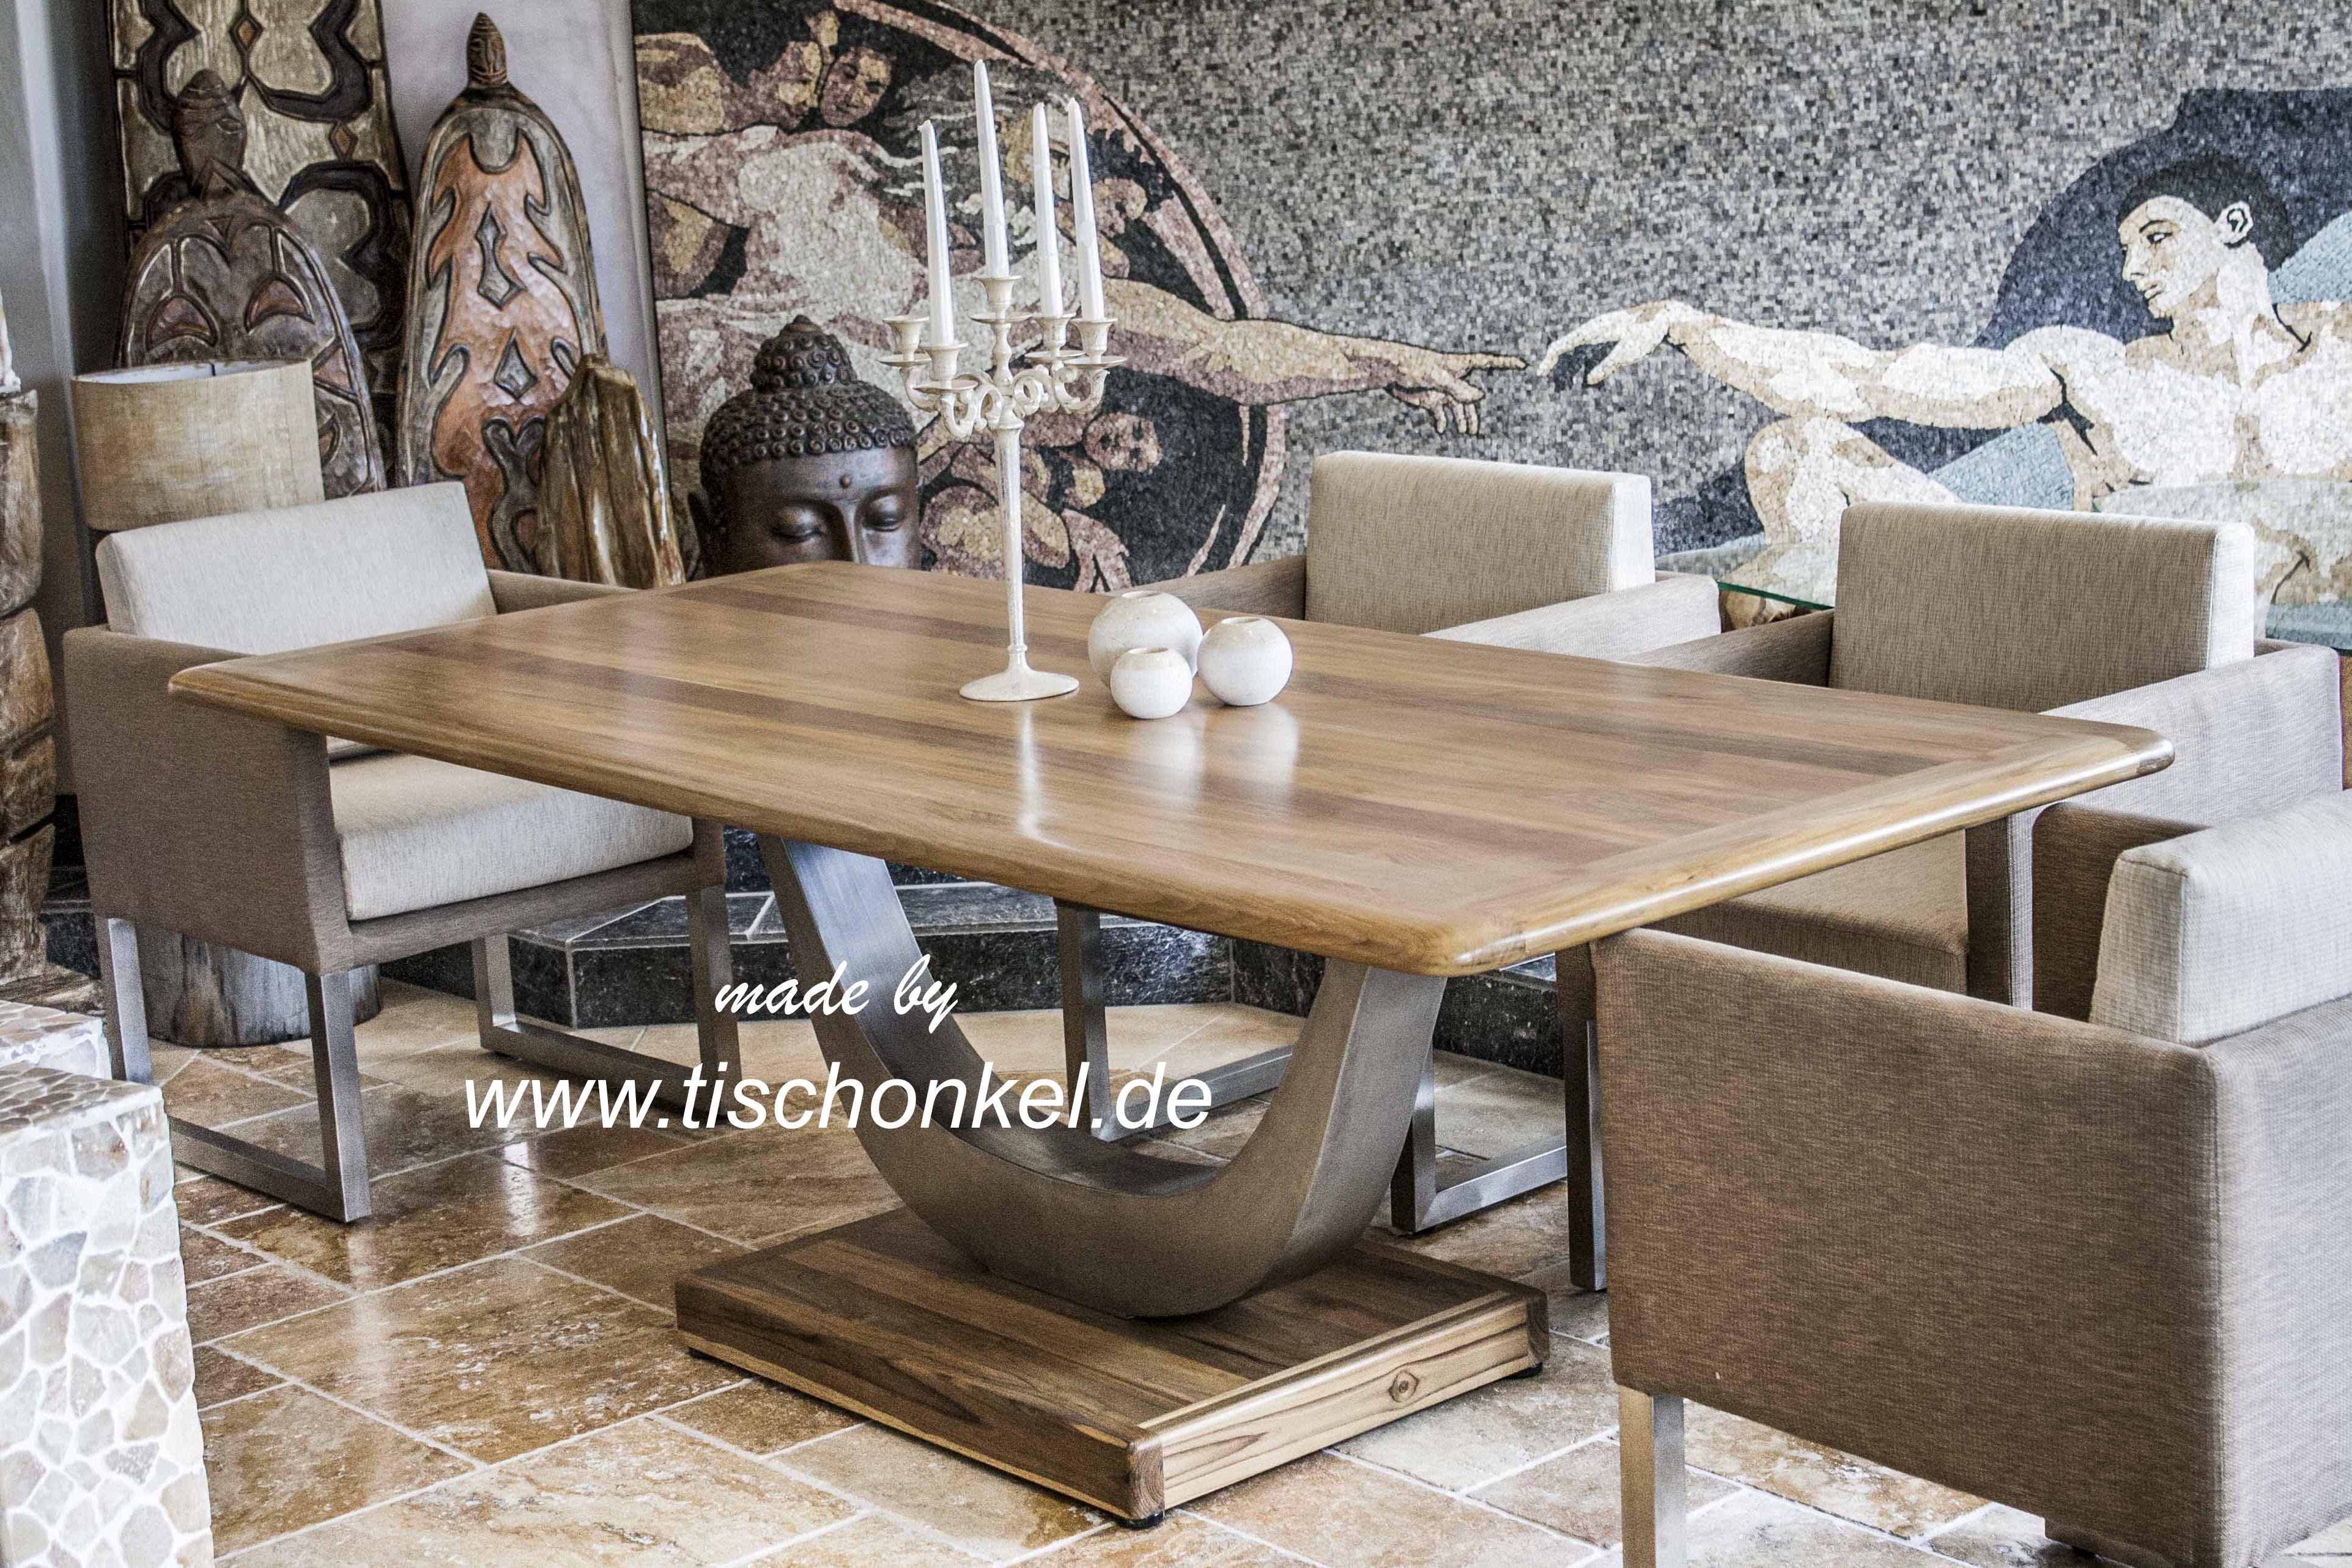 designtisch esstisch mit gestell aus edelstahl der tischonkel. Black Bedroom Furniture Sets. Home Design Ideas